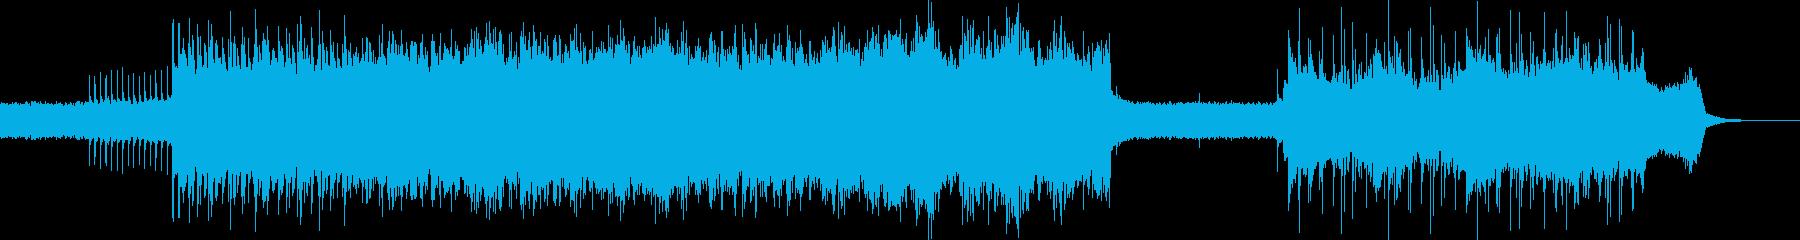 激しめのギターサウンドの再生済みの波形